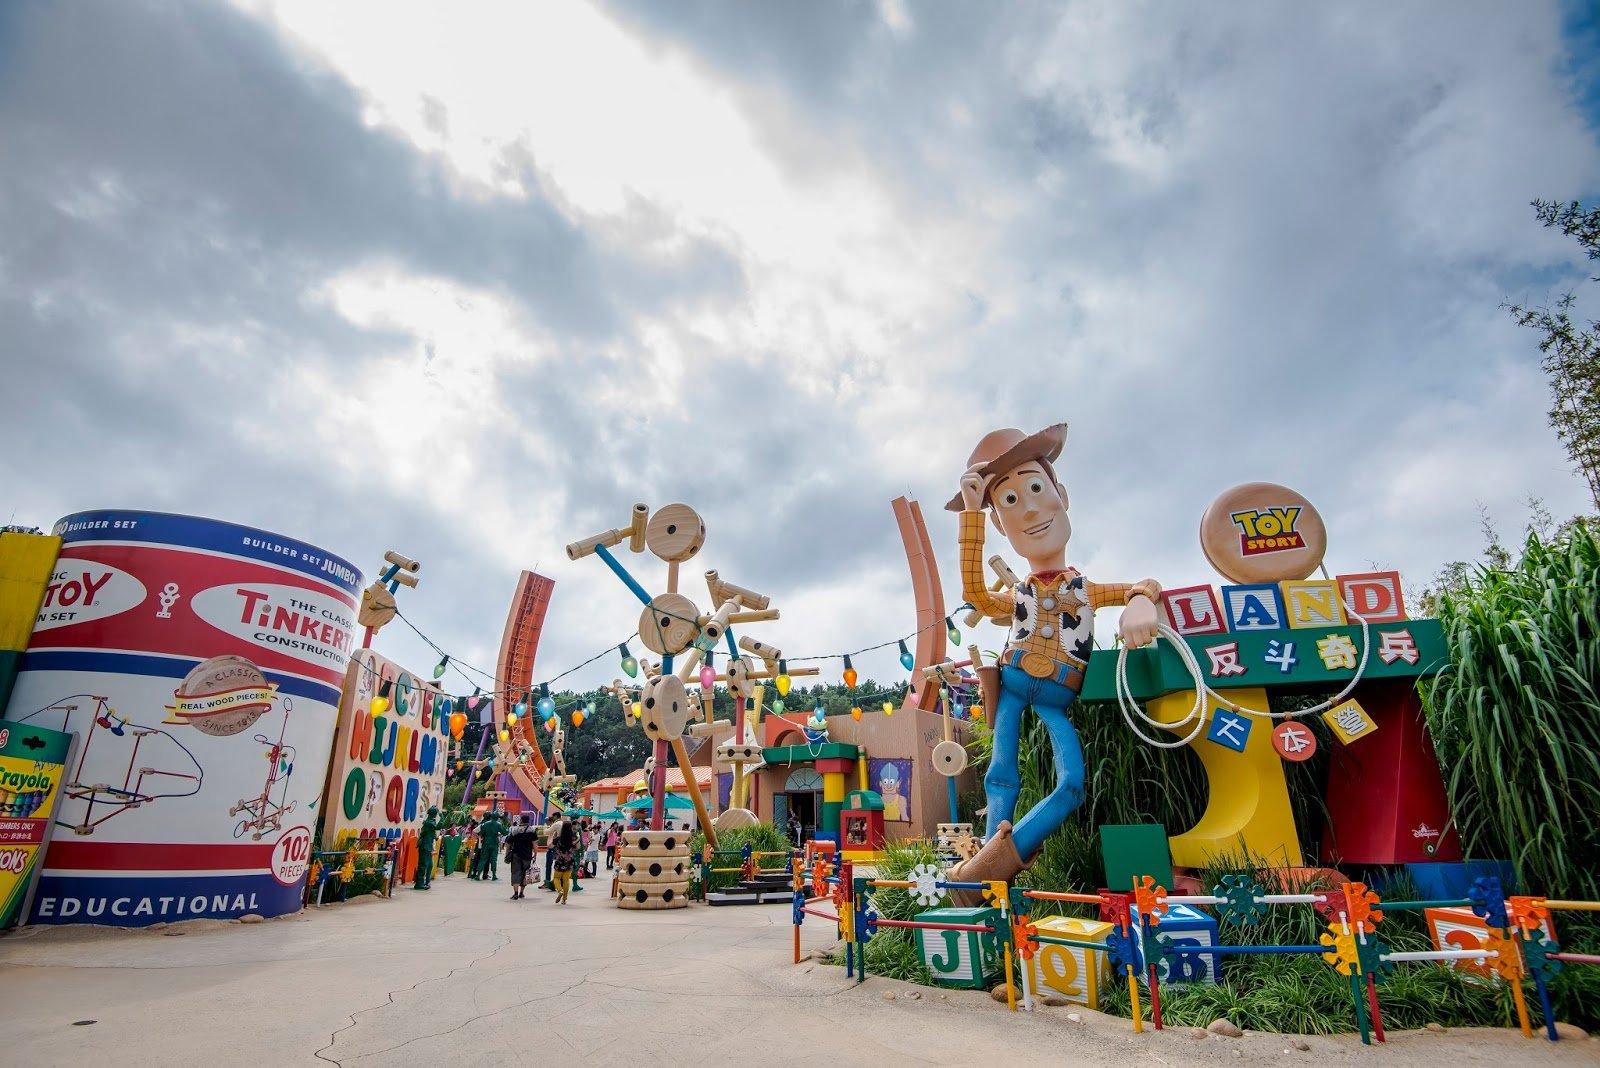 Un parc d 39 attractions sur le th me de toy story va voir le - Le cochon de toy story ...